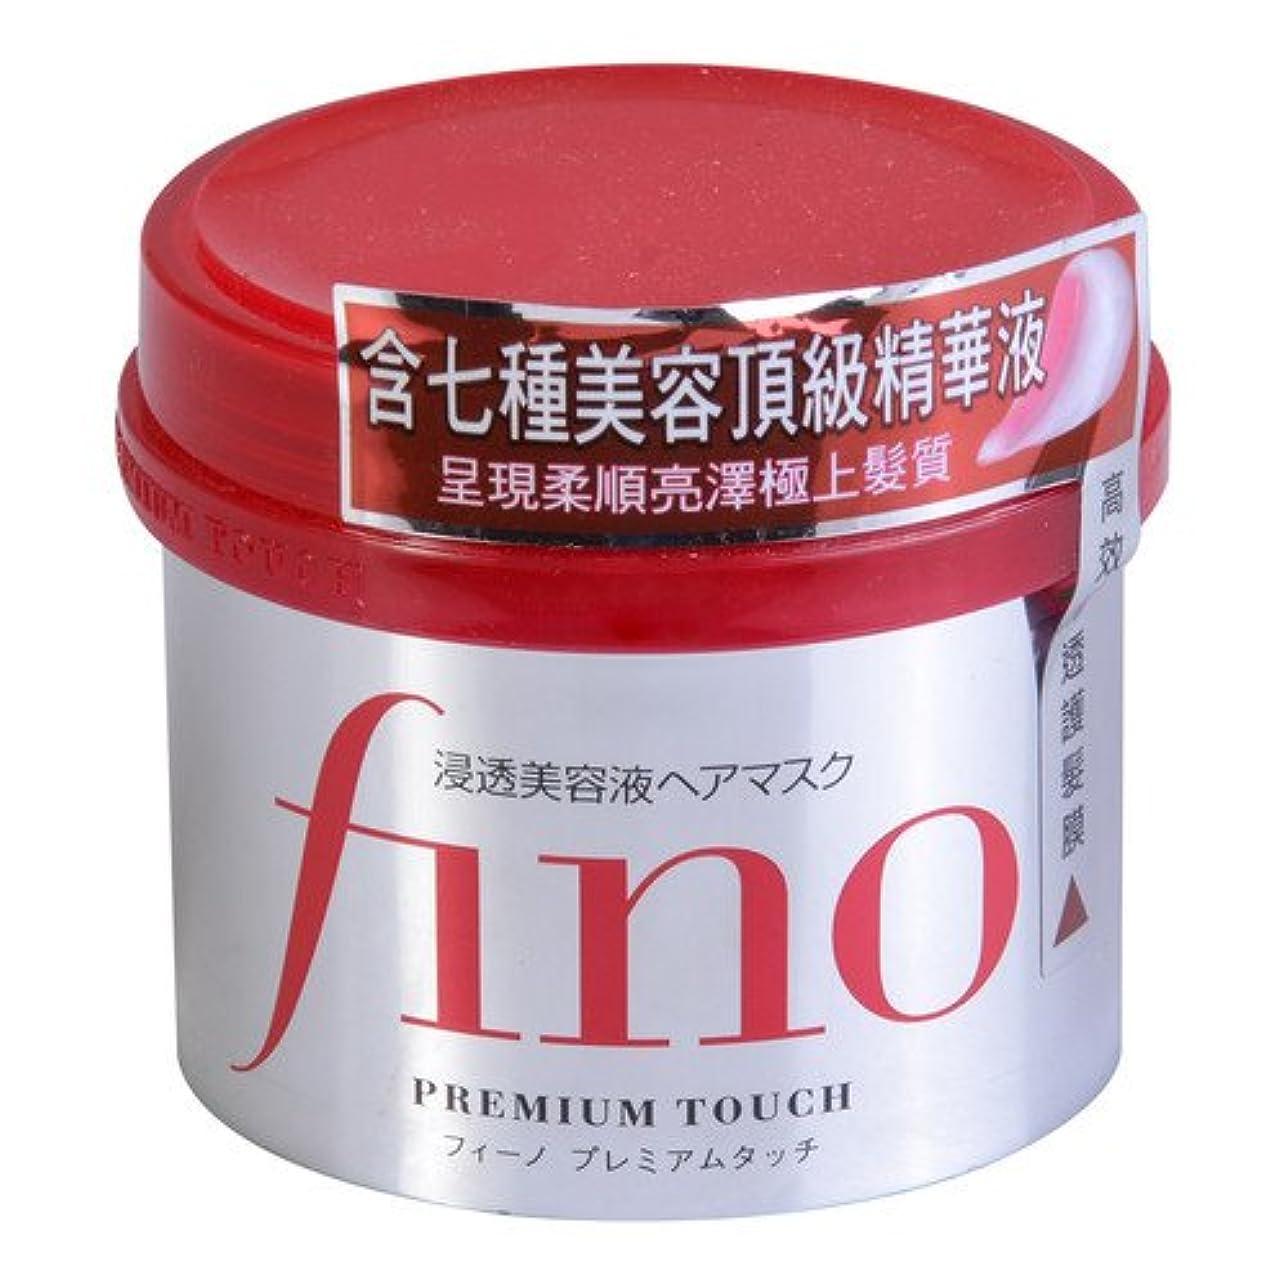 メイドコロニアル結果フィーノ プレミアムタッチ 浸透美容液ヘアマスク230g